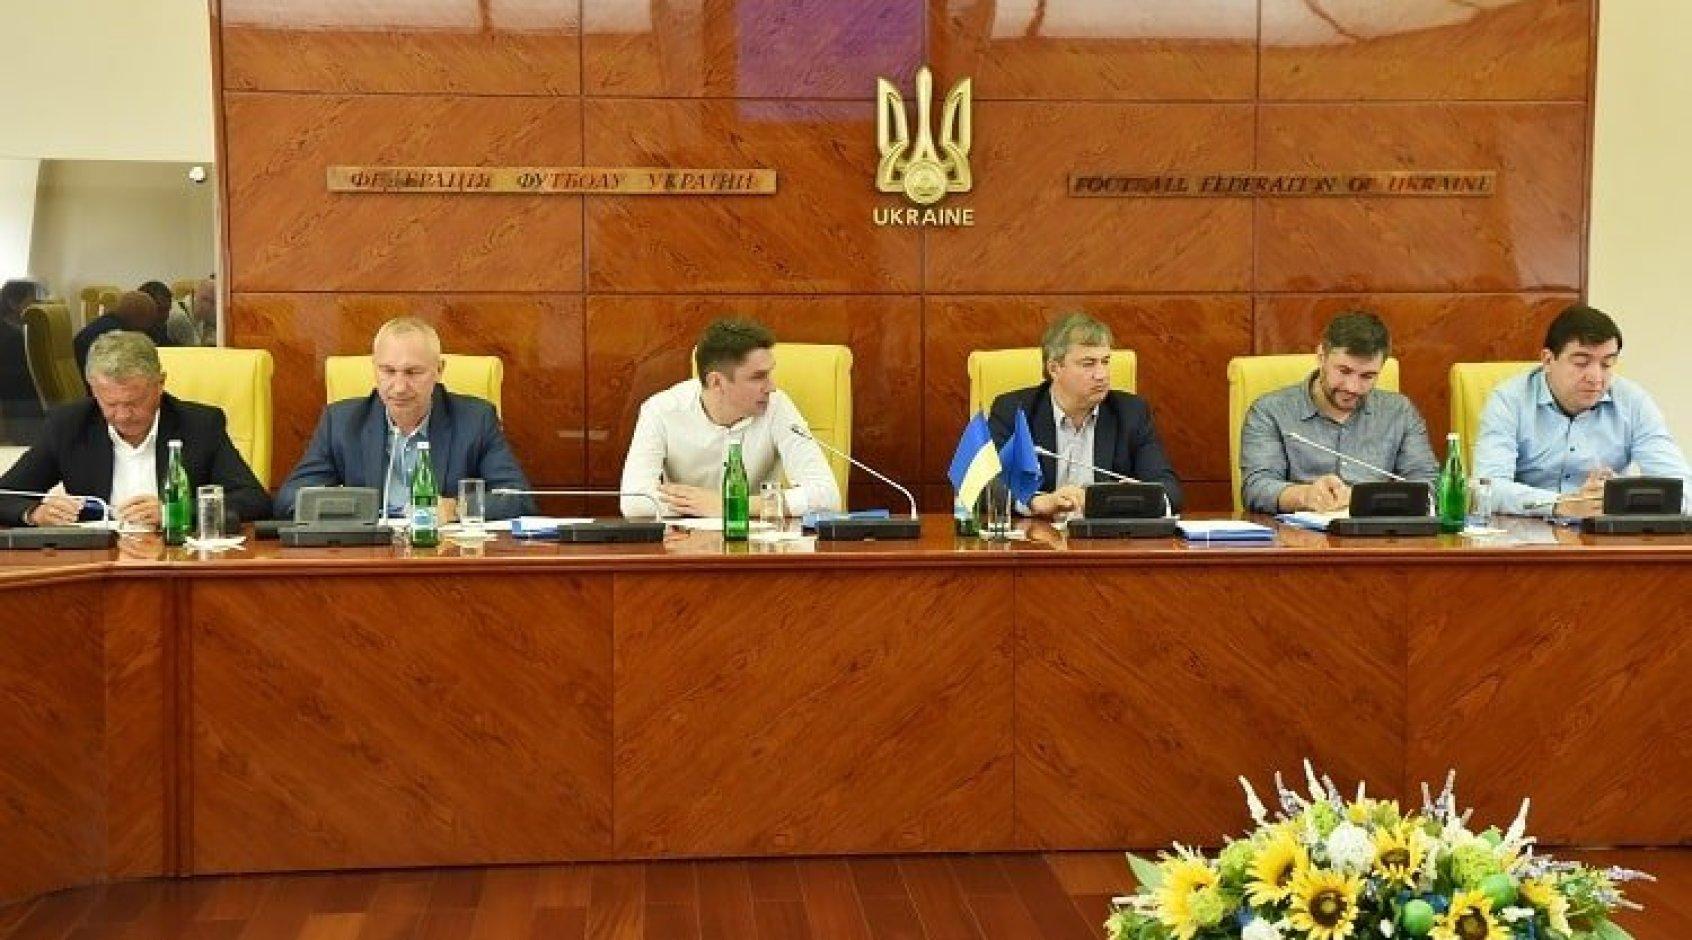 Відбулося розширене засідання Комітету стратегічного розвитку футболу, на якому було розглянуто низку важливих питань